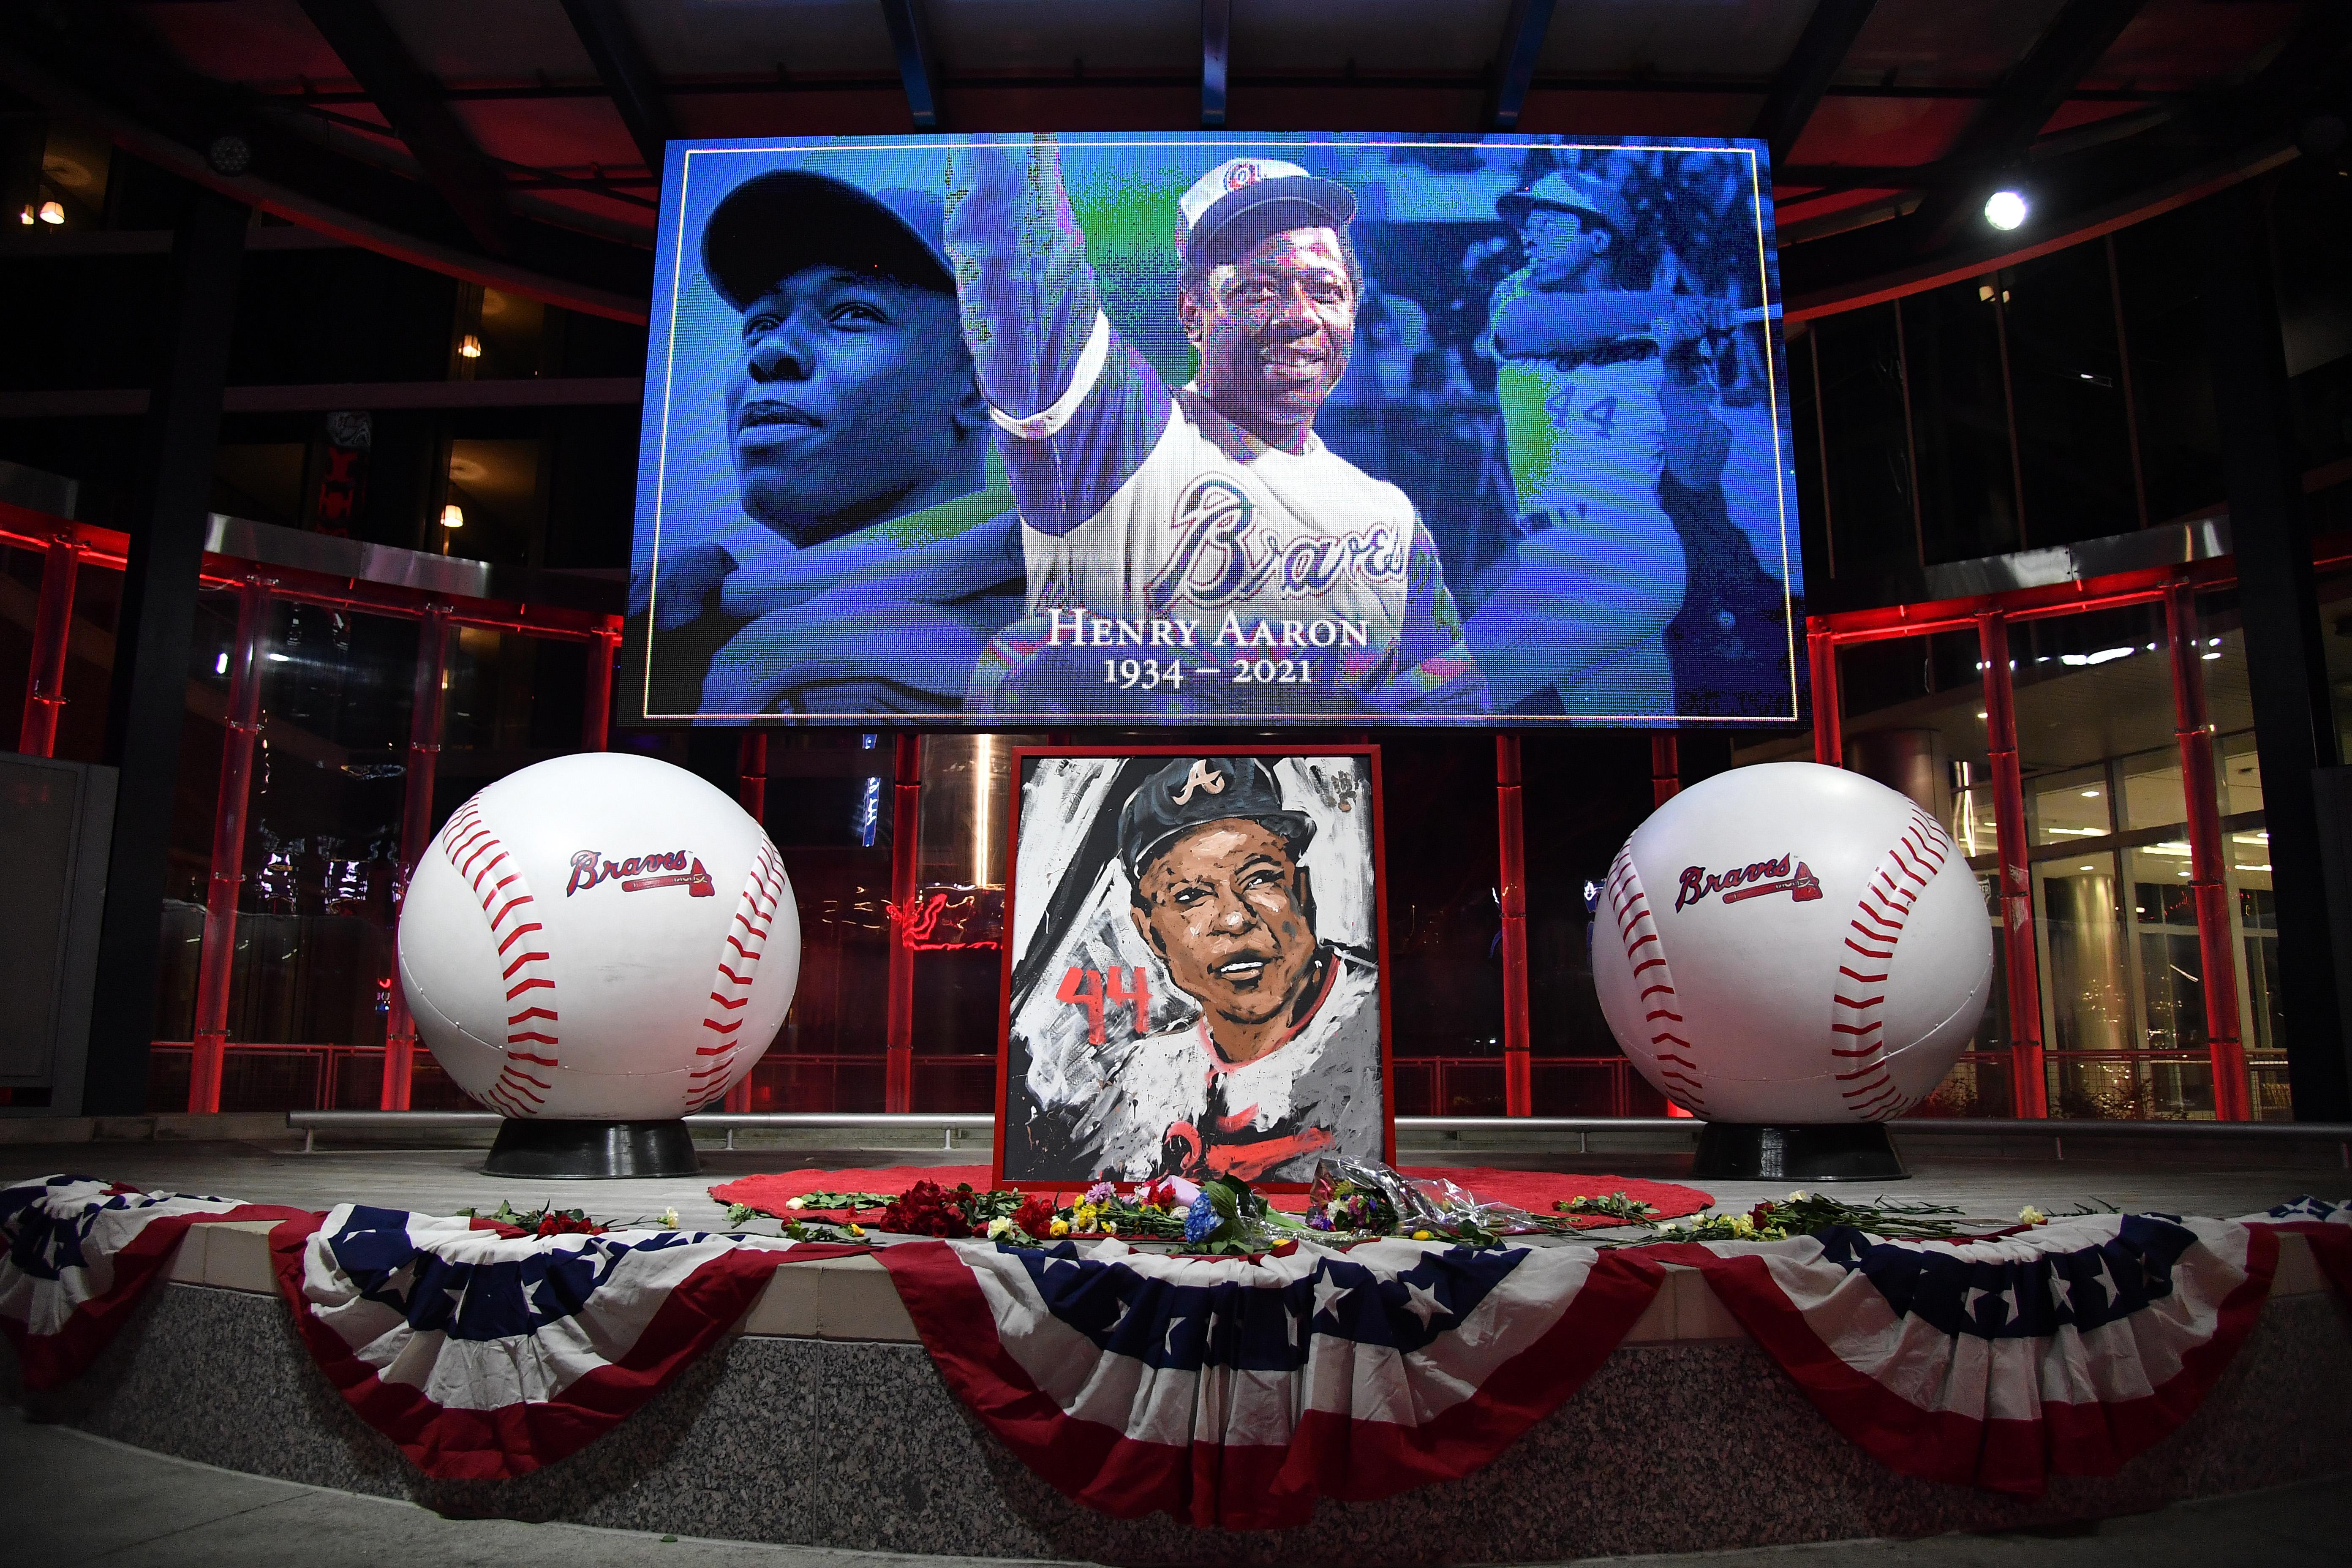 球迷们在MLB名人堂的汉克·亚伦去世后向他致敬